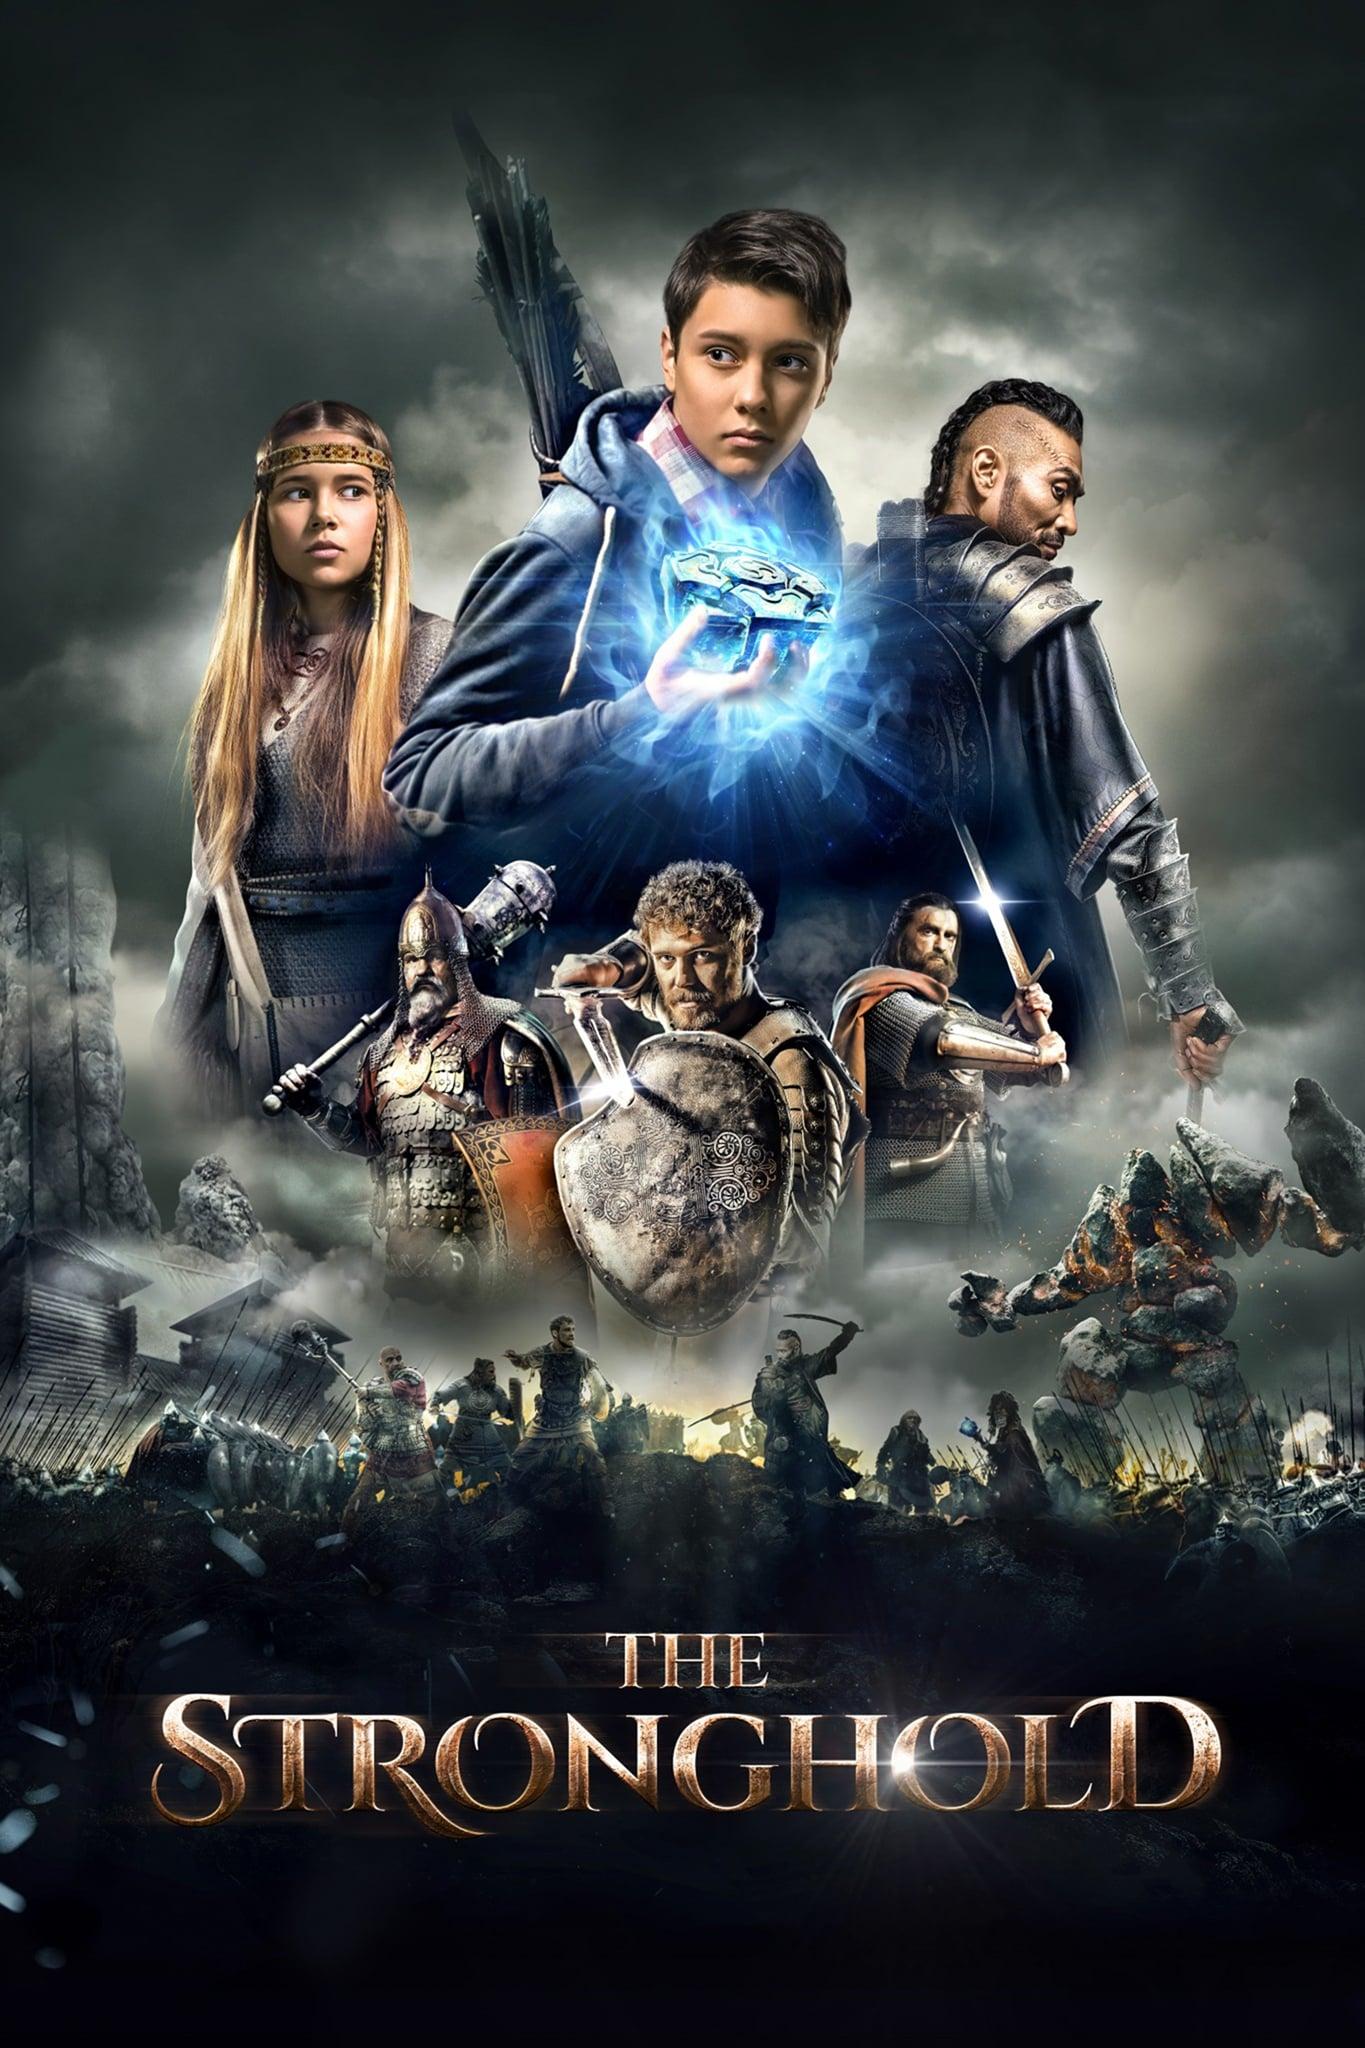 دانلود فیلم The Stronghold 2017 با دوبله فارسی